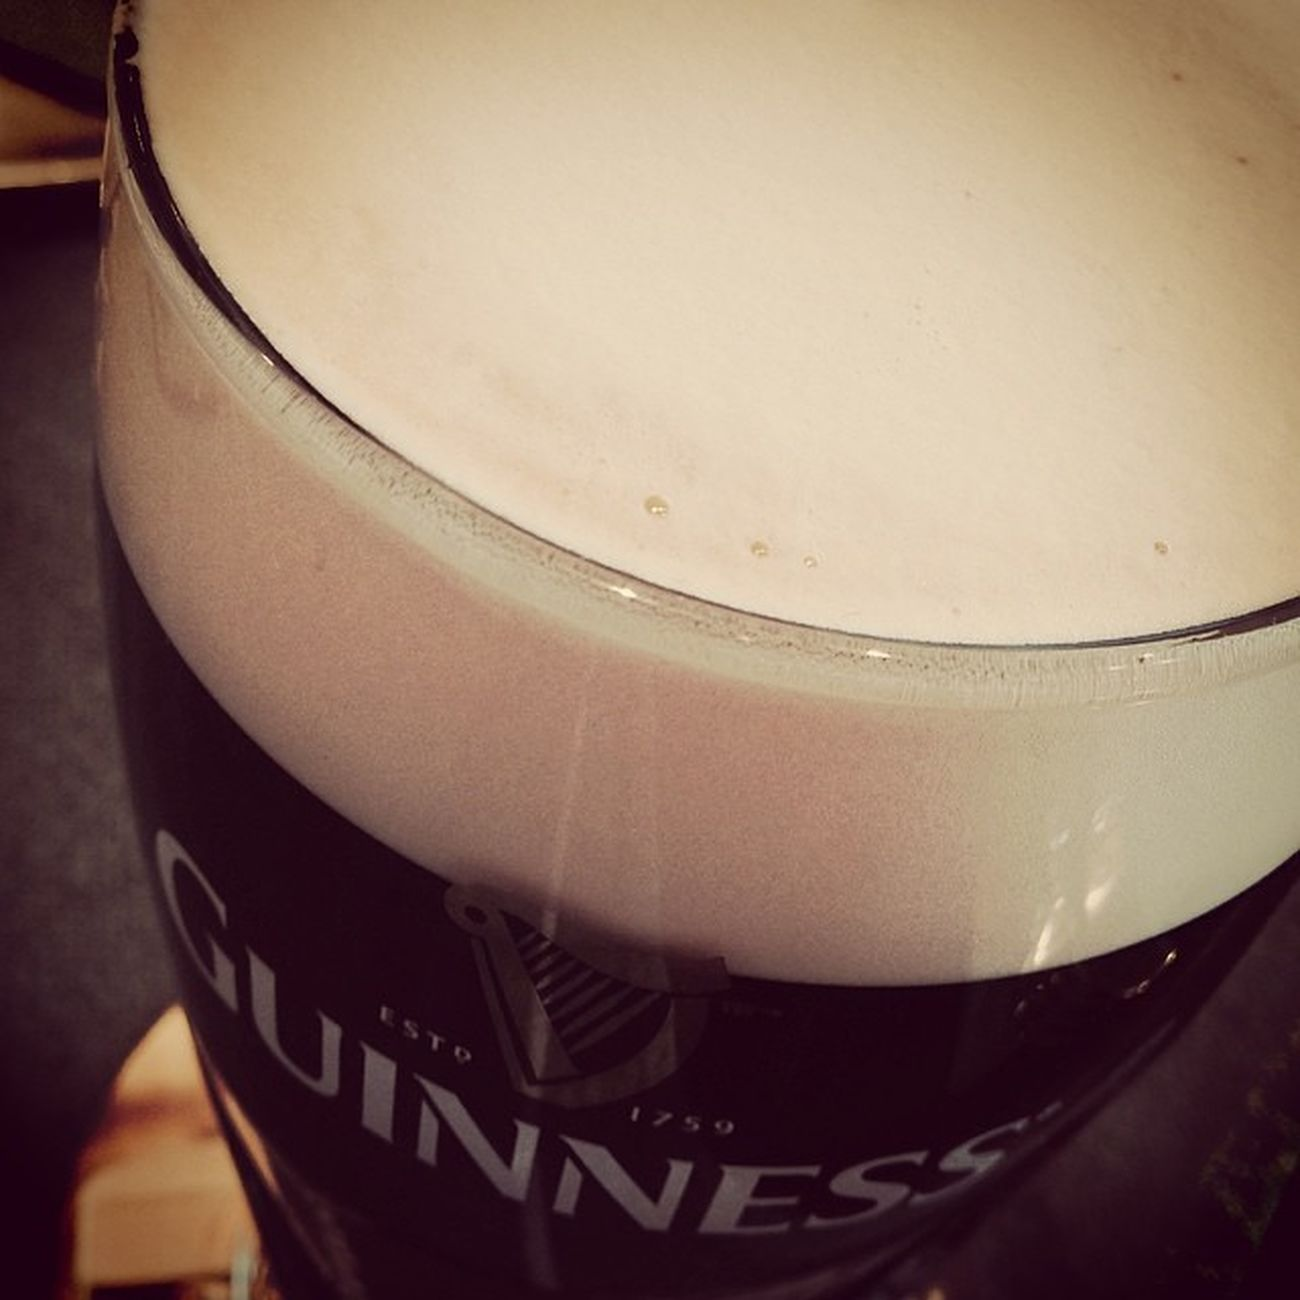 Vorspeise. Die Einen essen Suppe, die Anderen tinken sie. #sláinte Beer Guinness Bier Slàinte Irishpub Tuttlingen